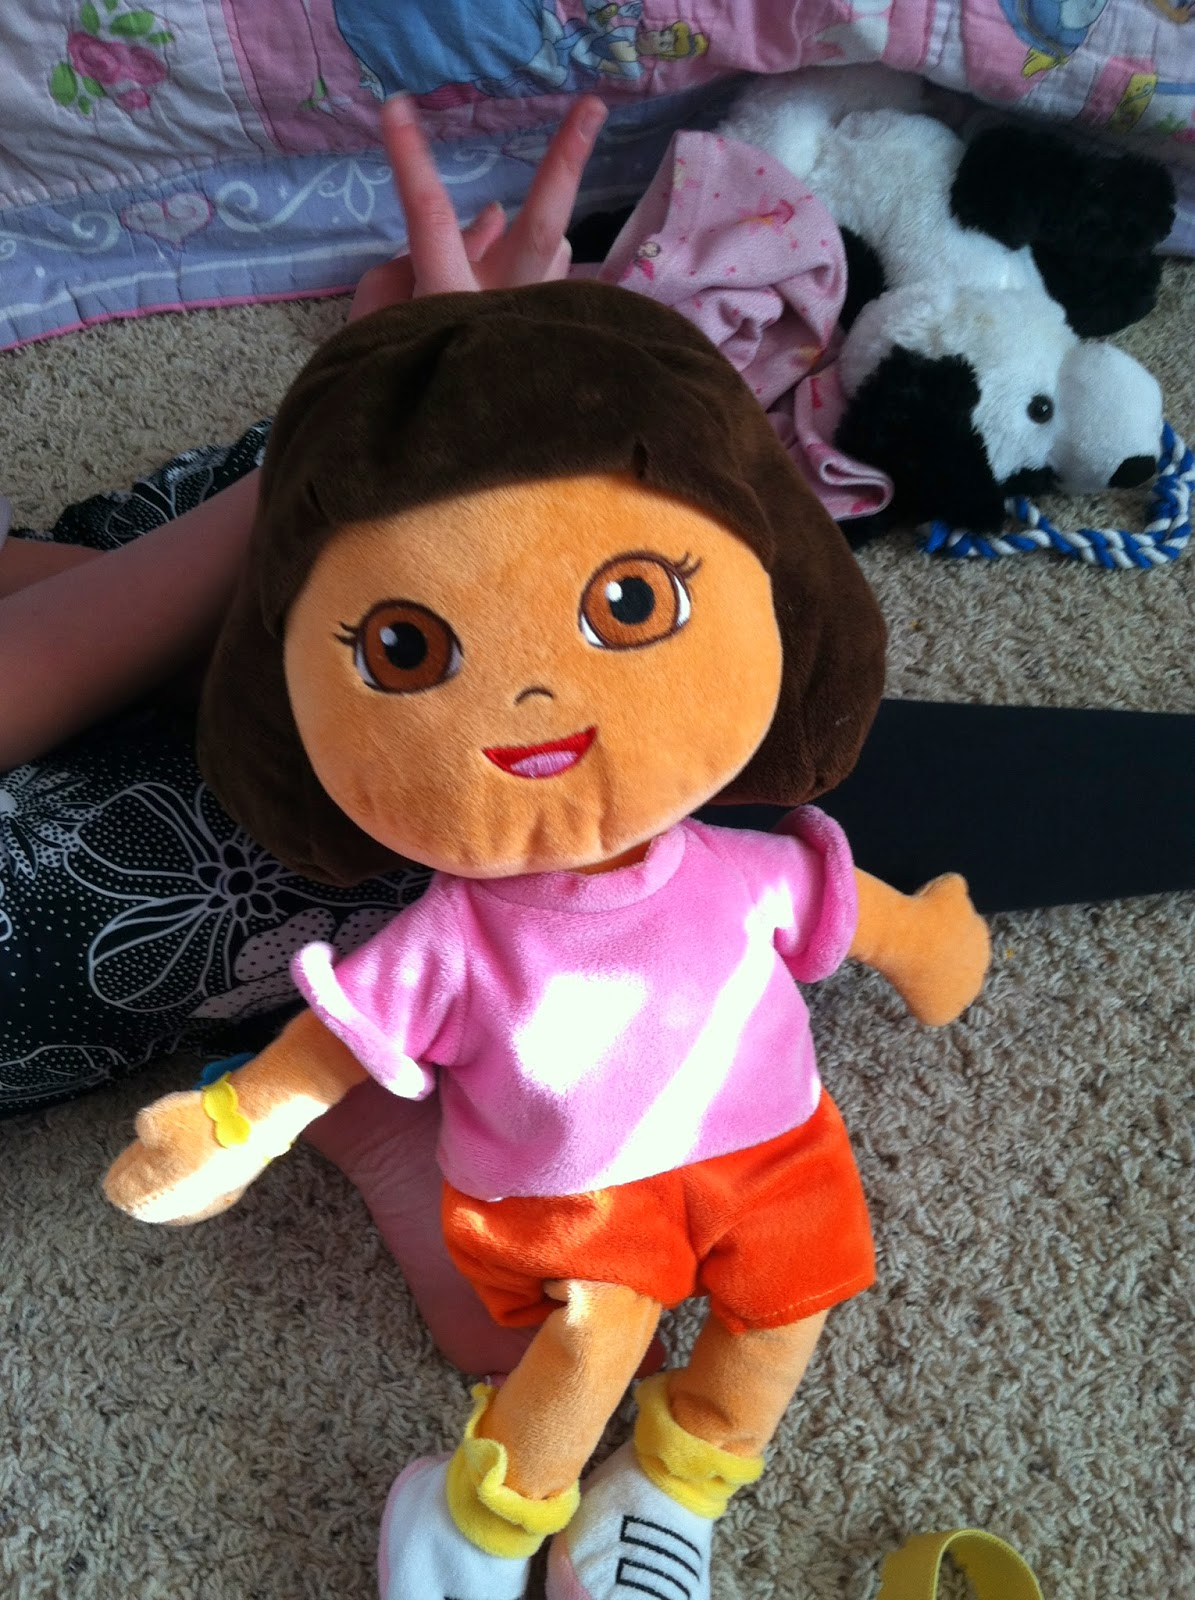 The Original Jc How Do You Make Dora Creepy